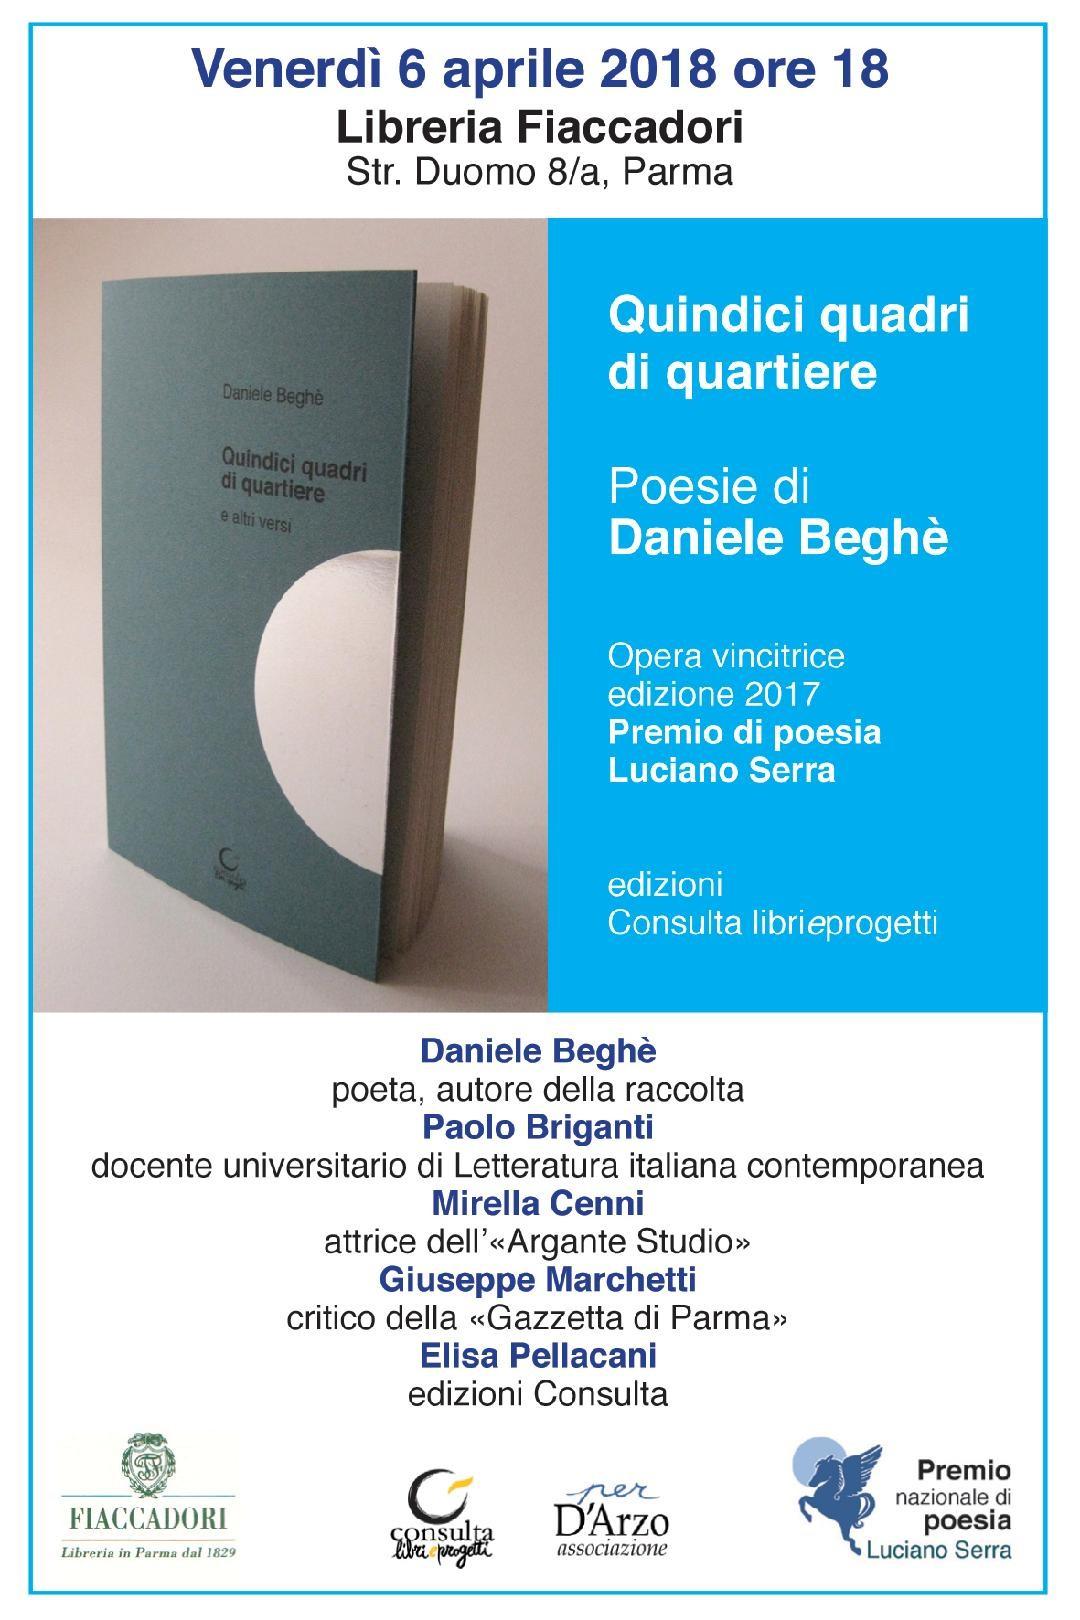 Presentazione del libro di Daniele Beghè alla libreria Fiaccadori